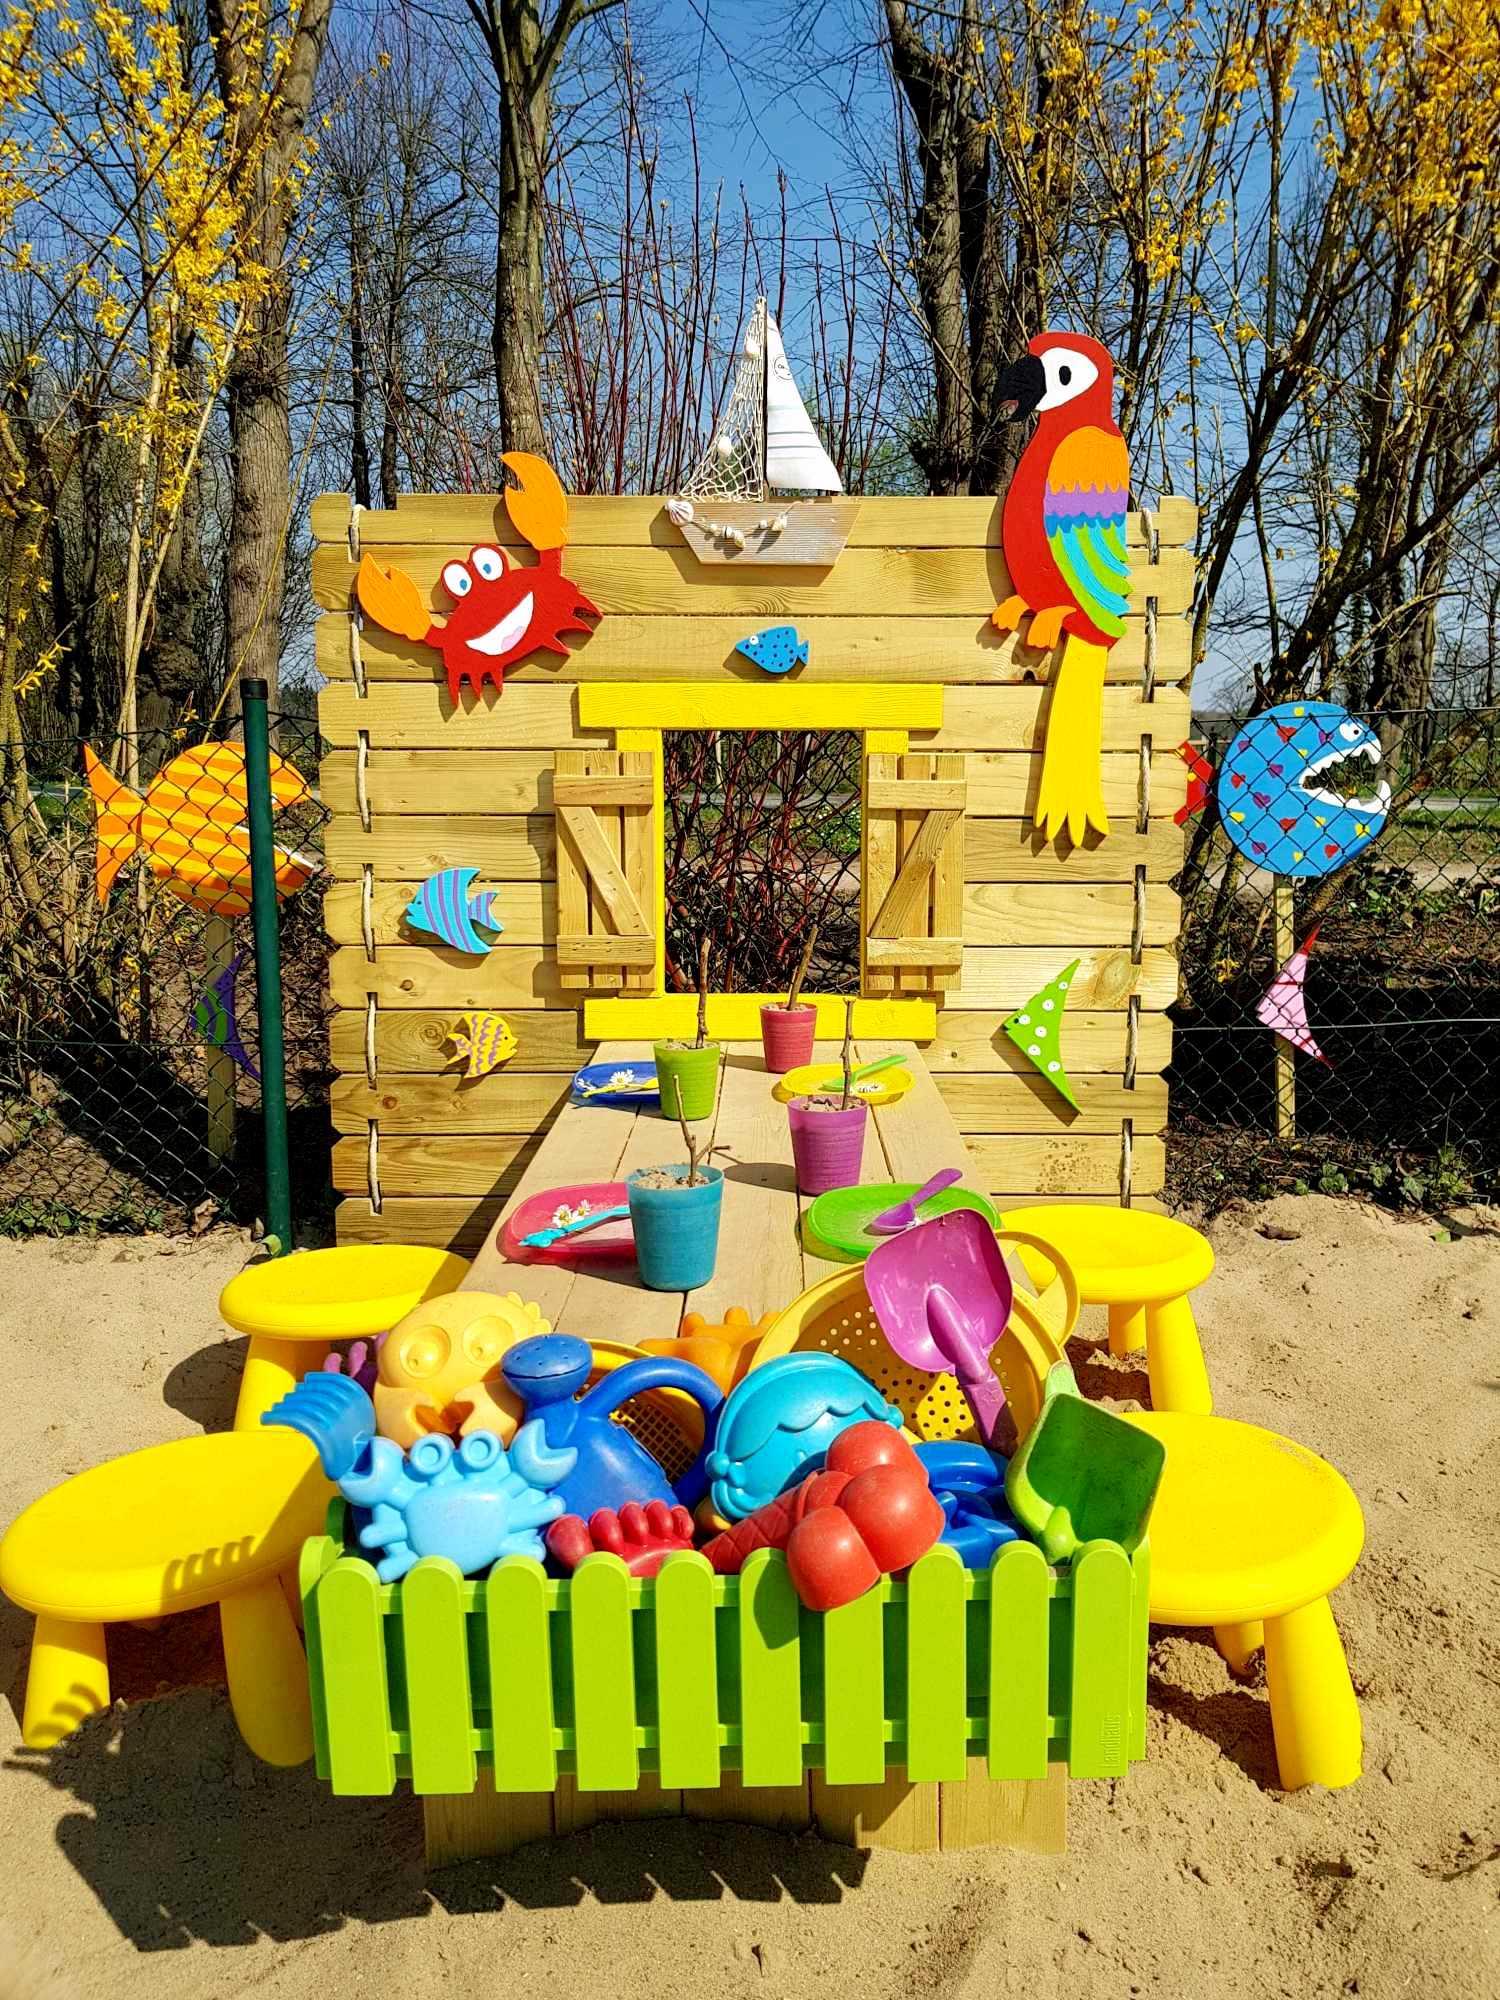 Kita Kid Zone Kinderbetreuung Garten 1 5 - Obst- und Erlebnisgarten